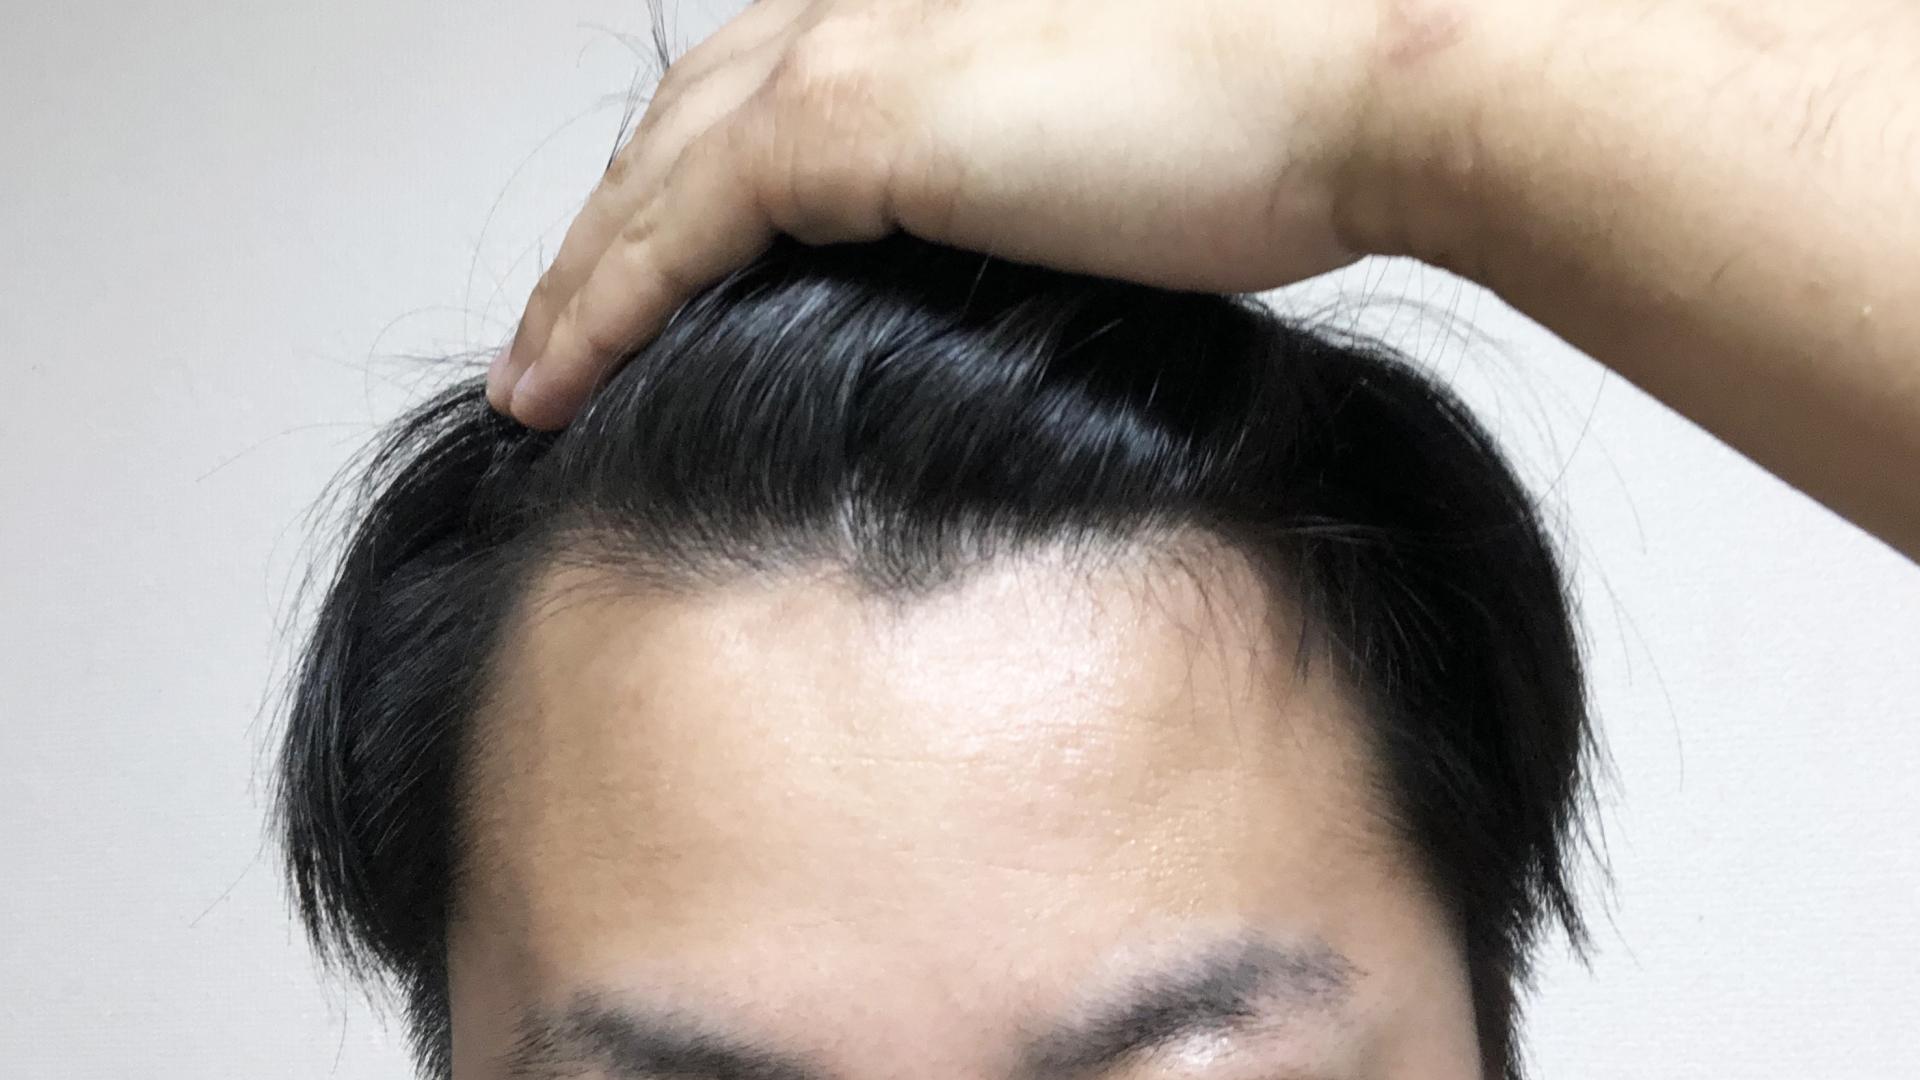 【薄毛の前兆】ハゲてきたら何をすればいい?進行を止めるには?